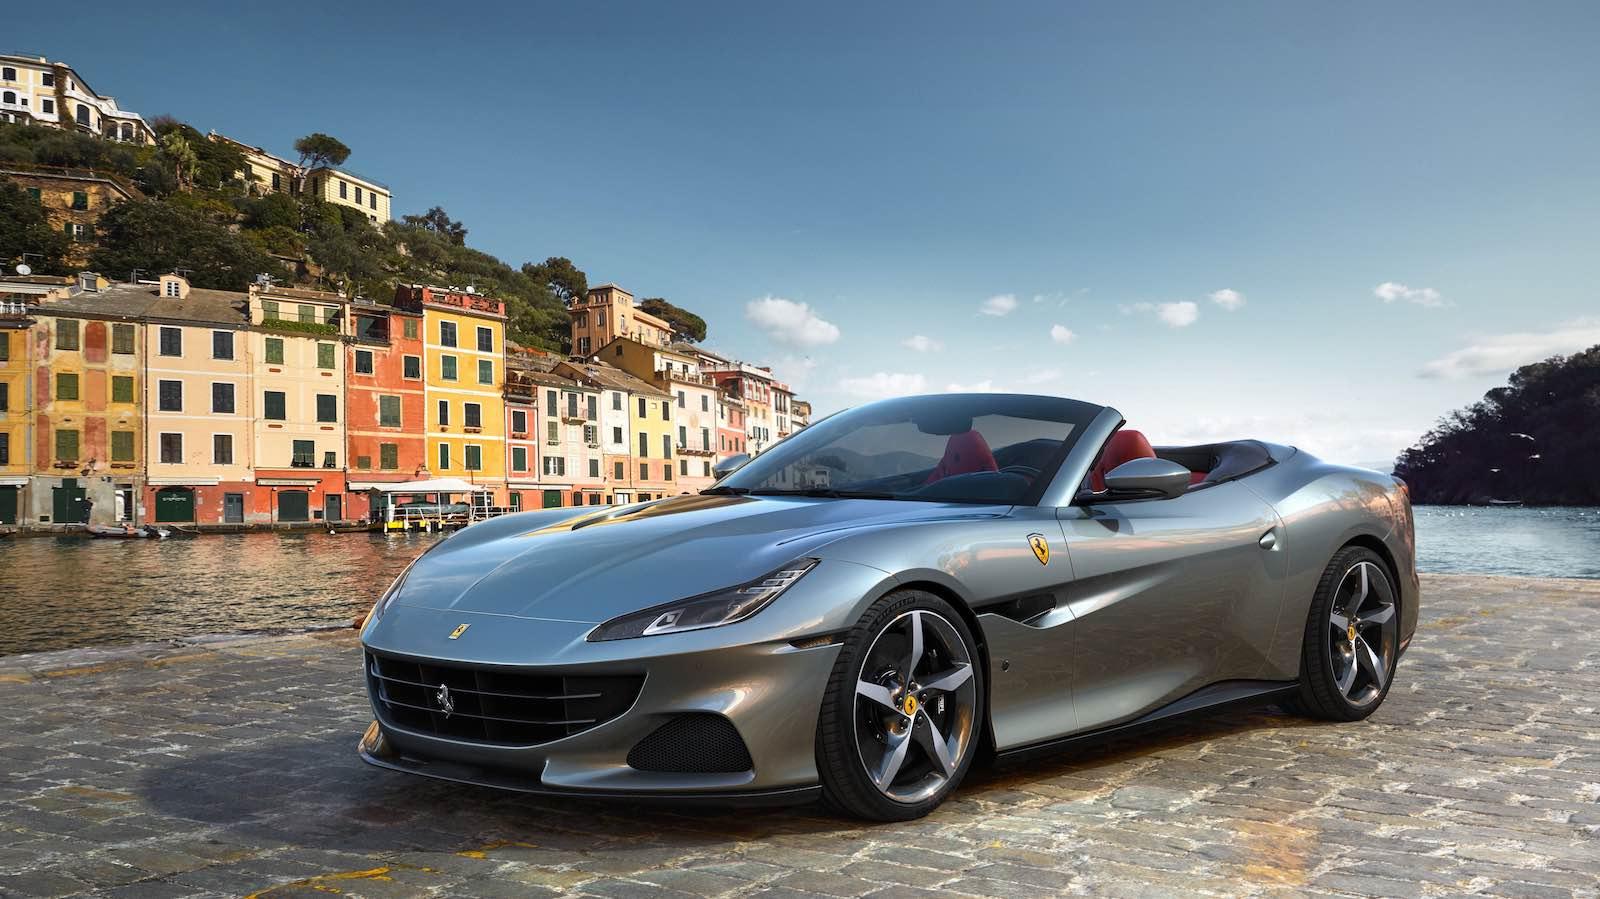 Ferrari revela el nuevo Portofino M, con 612-HP y nueva transmisión doble embrague de 8 velocidades